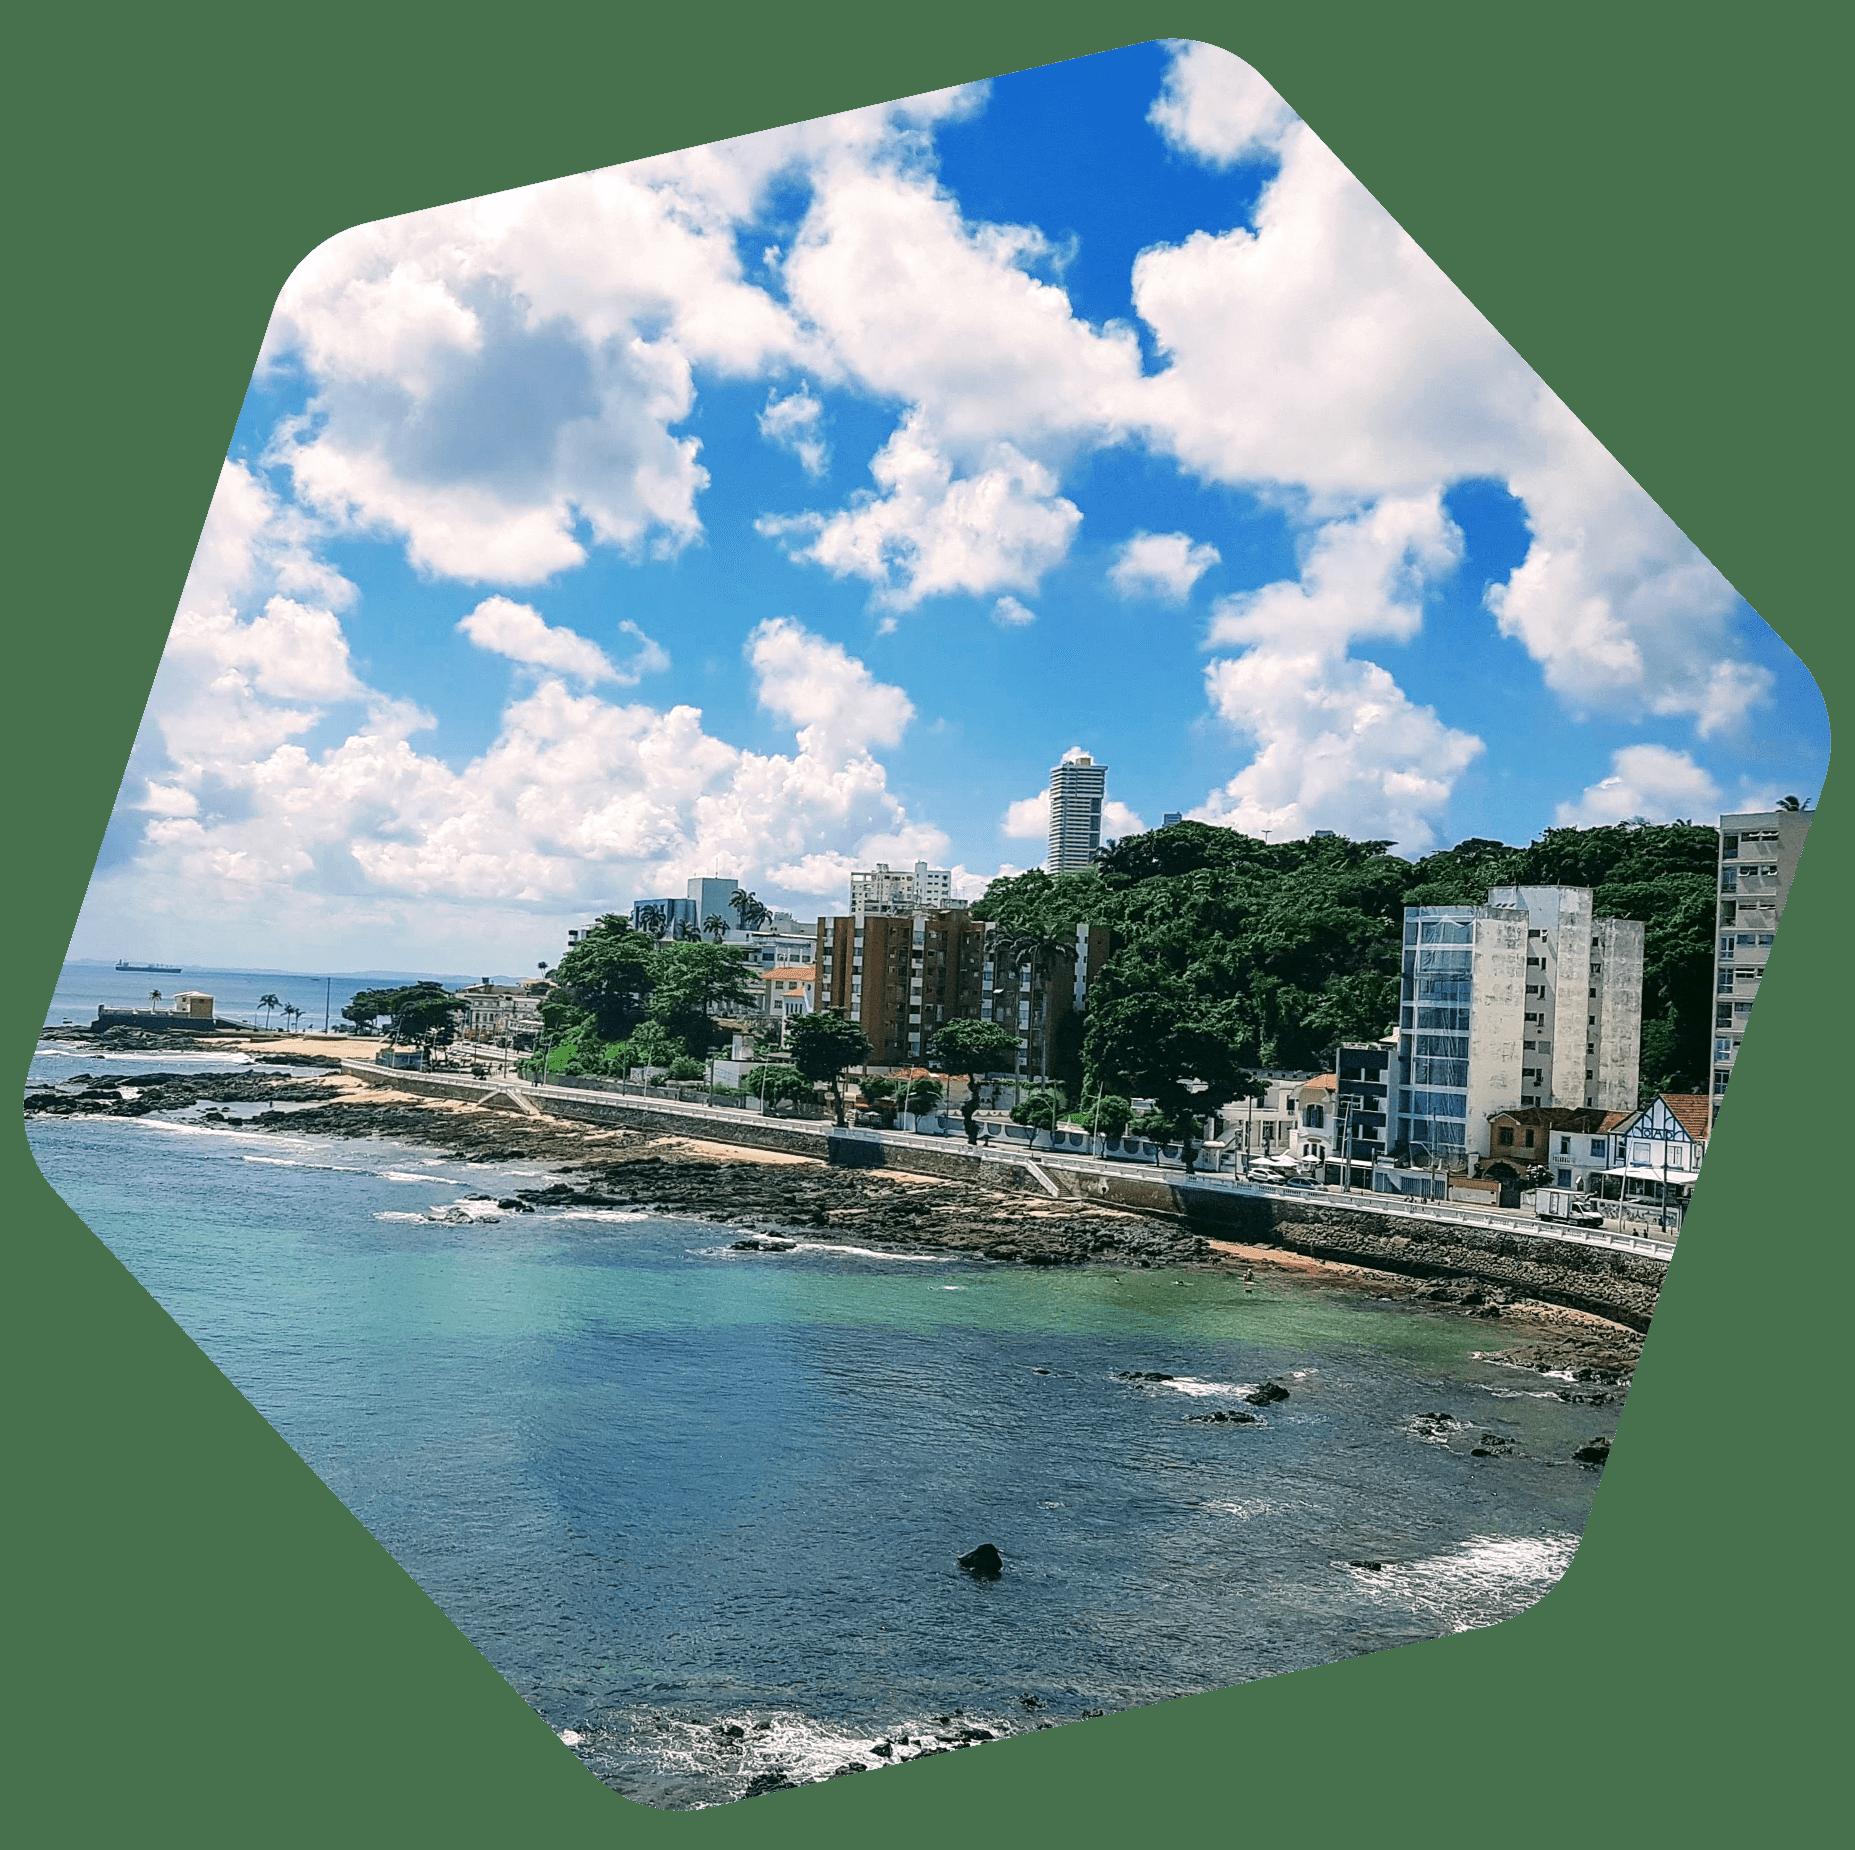 El Salvador costal city